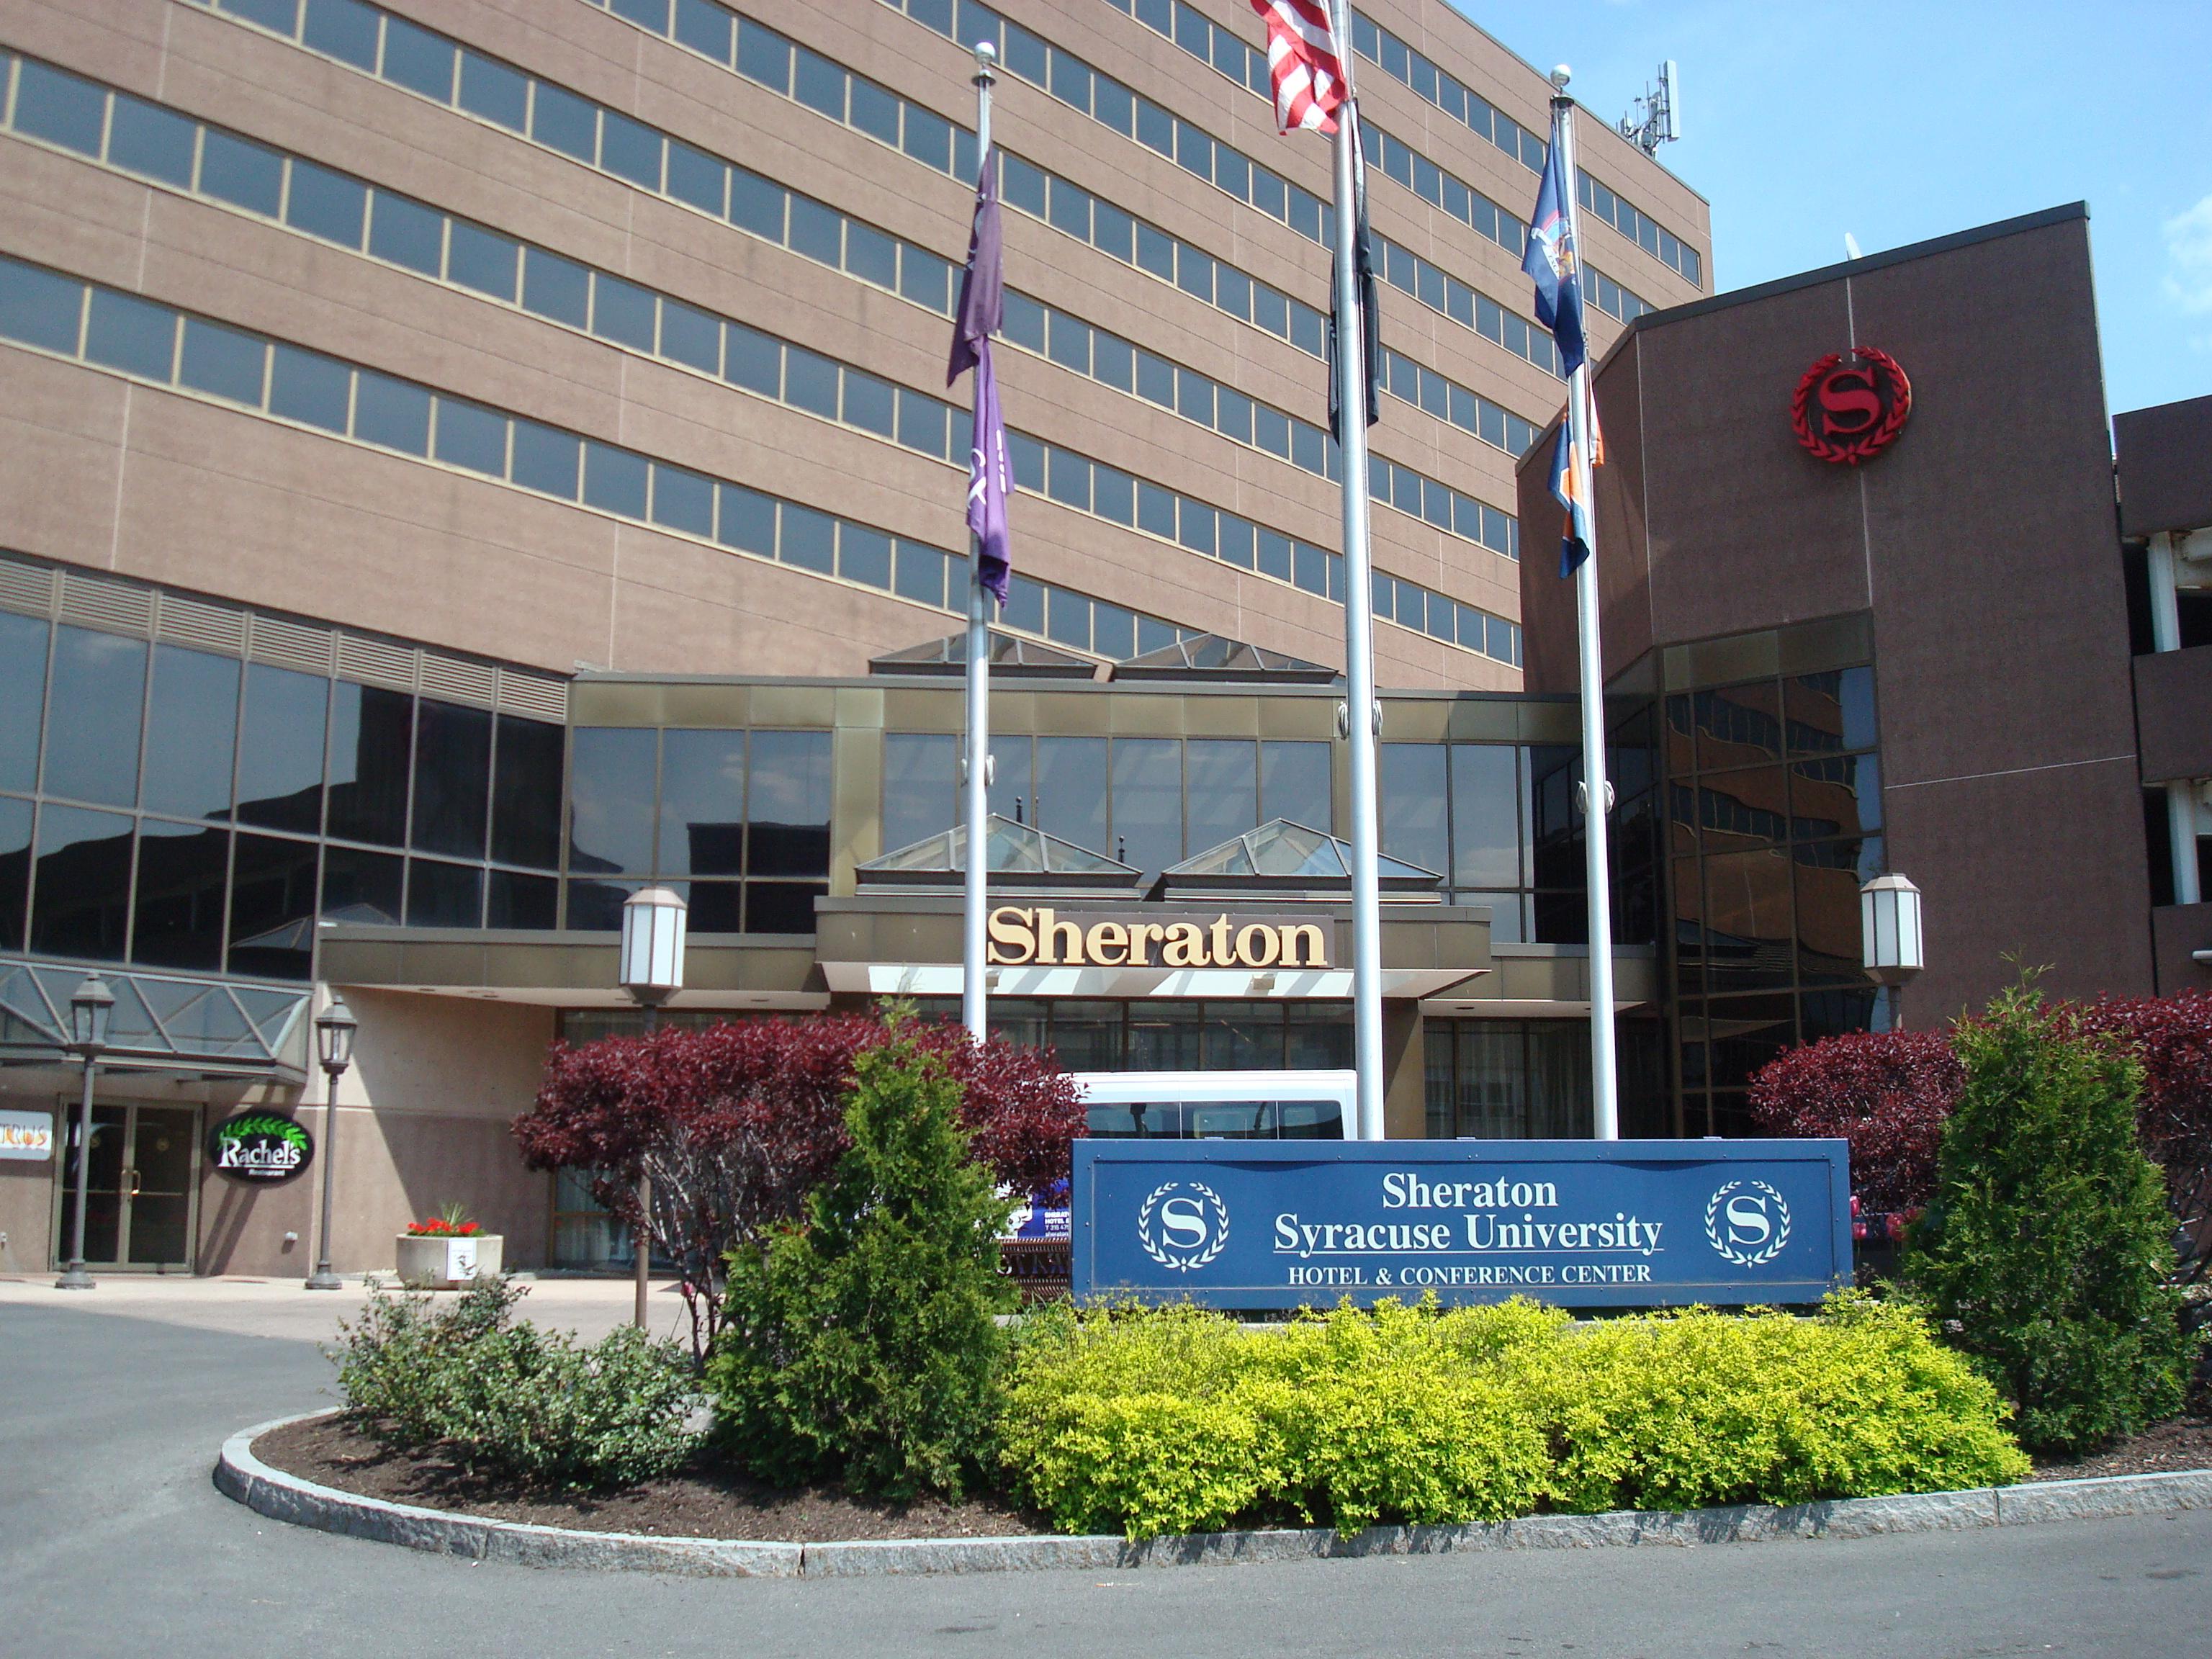 Sheraton Hotel & Conference Center at Syracuse University, NY